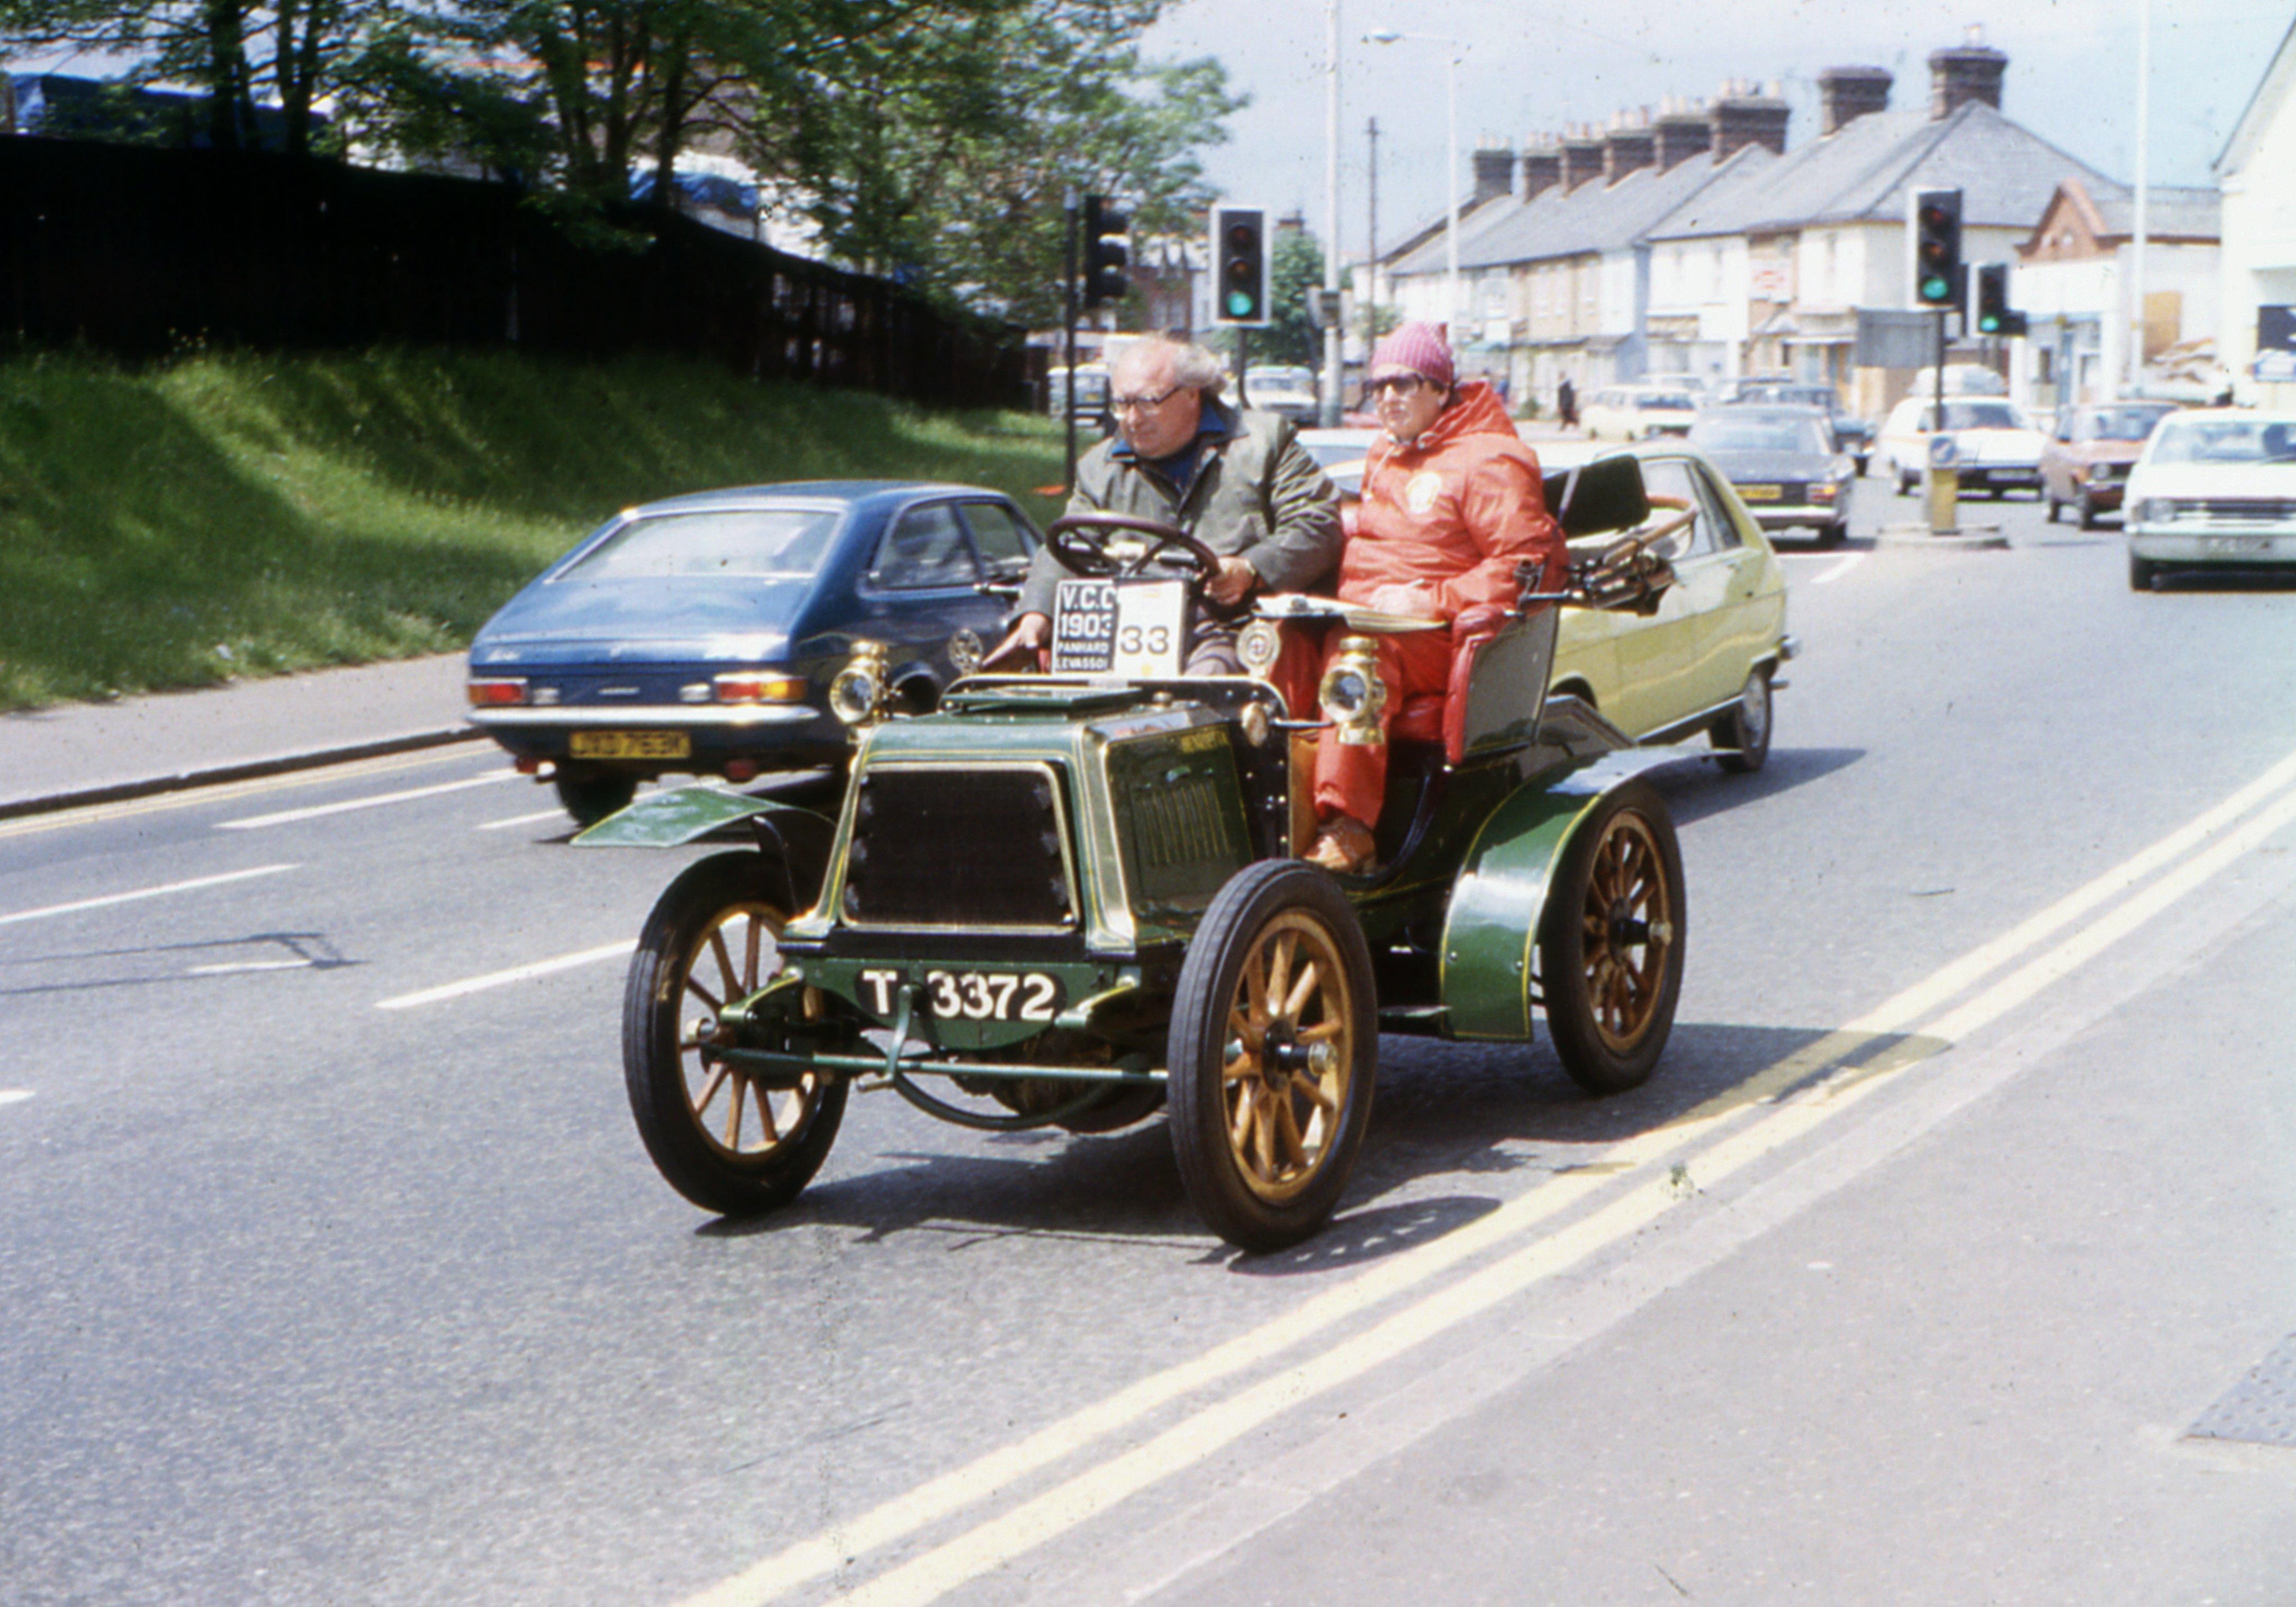 File:1903 Panhard T 3372 Henrietta, Micklefield, High Wycombe, 1980.jpg